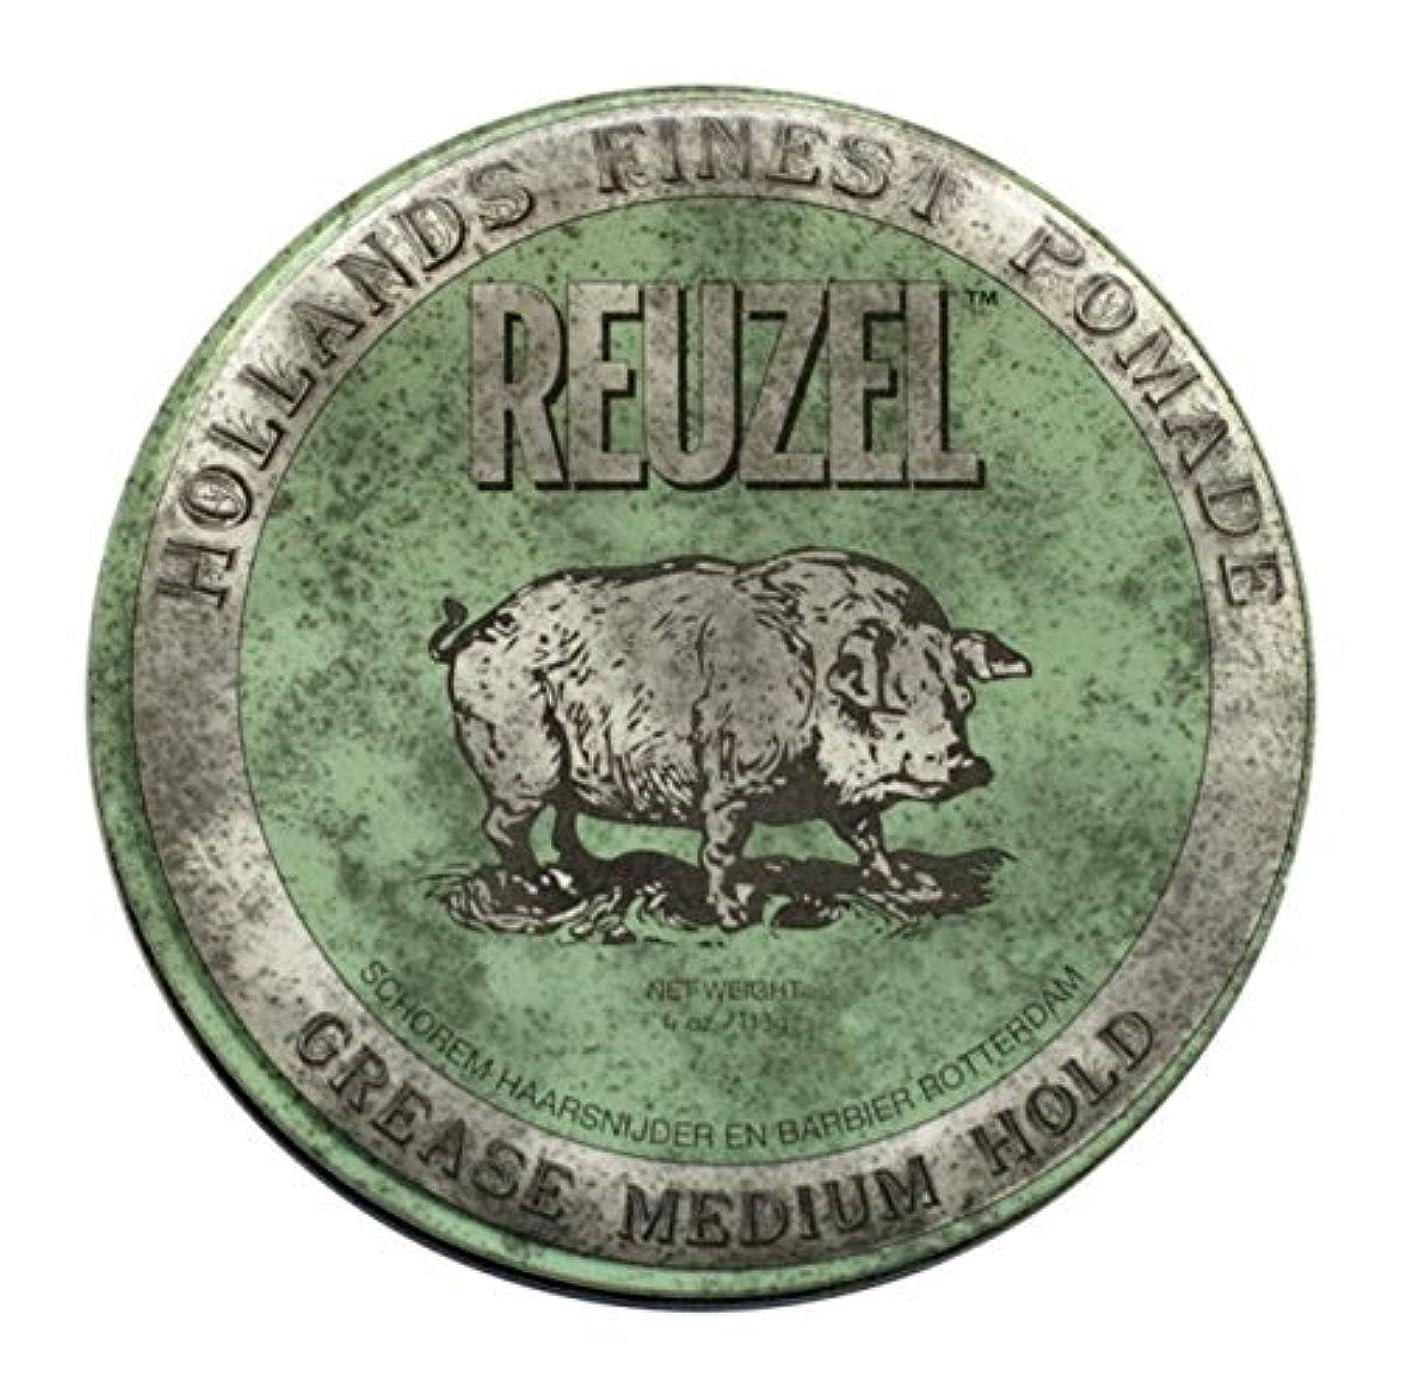 不信落ちたまだReuzel Green Grease Medium Hold Hair Styling Pomade Piglet 1.3oz (35g) Wax/Gel by Reuzel